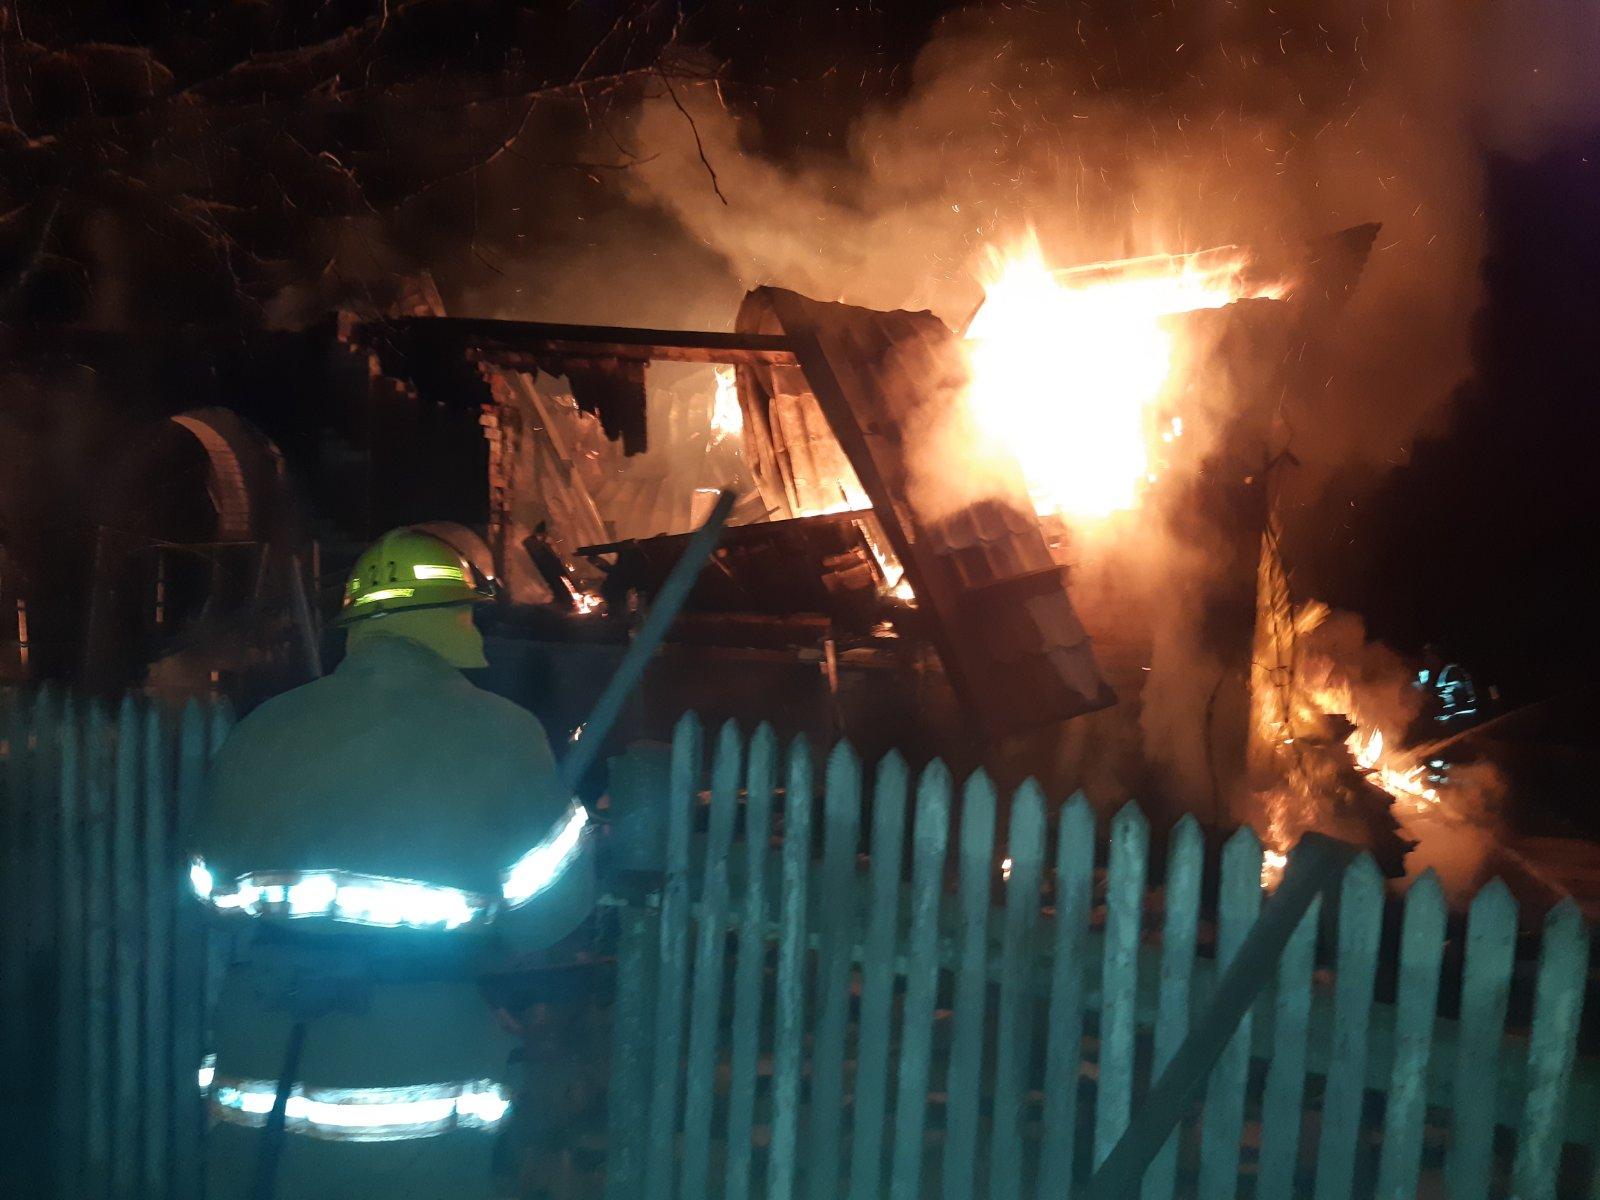 Вогонь знищив будинок на Броварщині -  - yzobrazhenye viber 2020 03 29 11 42 29